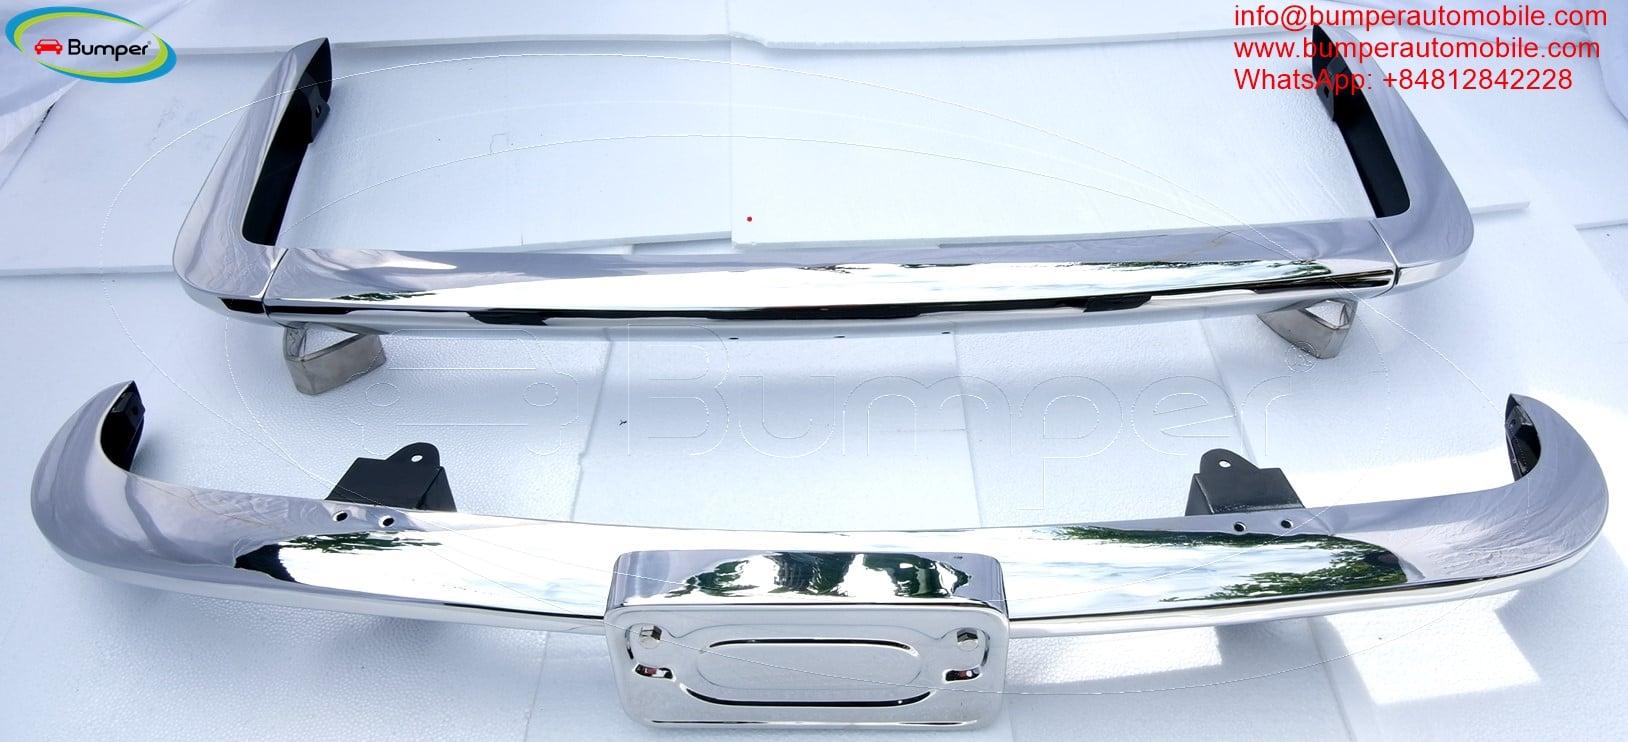 Triumph TR6 (1974-1976)